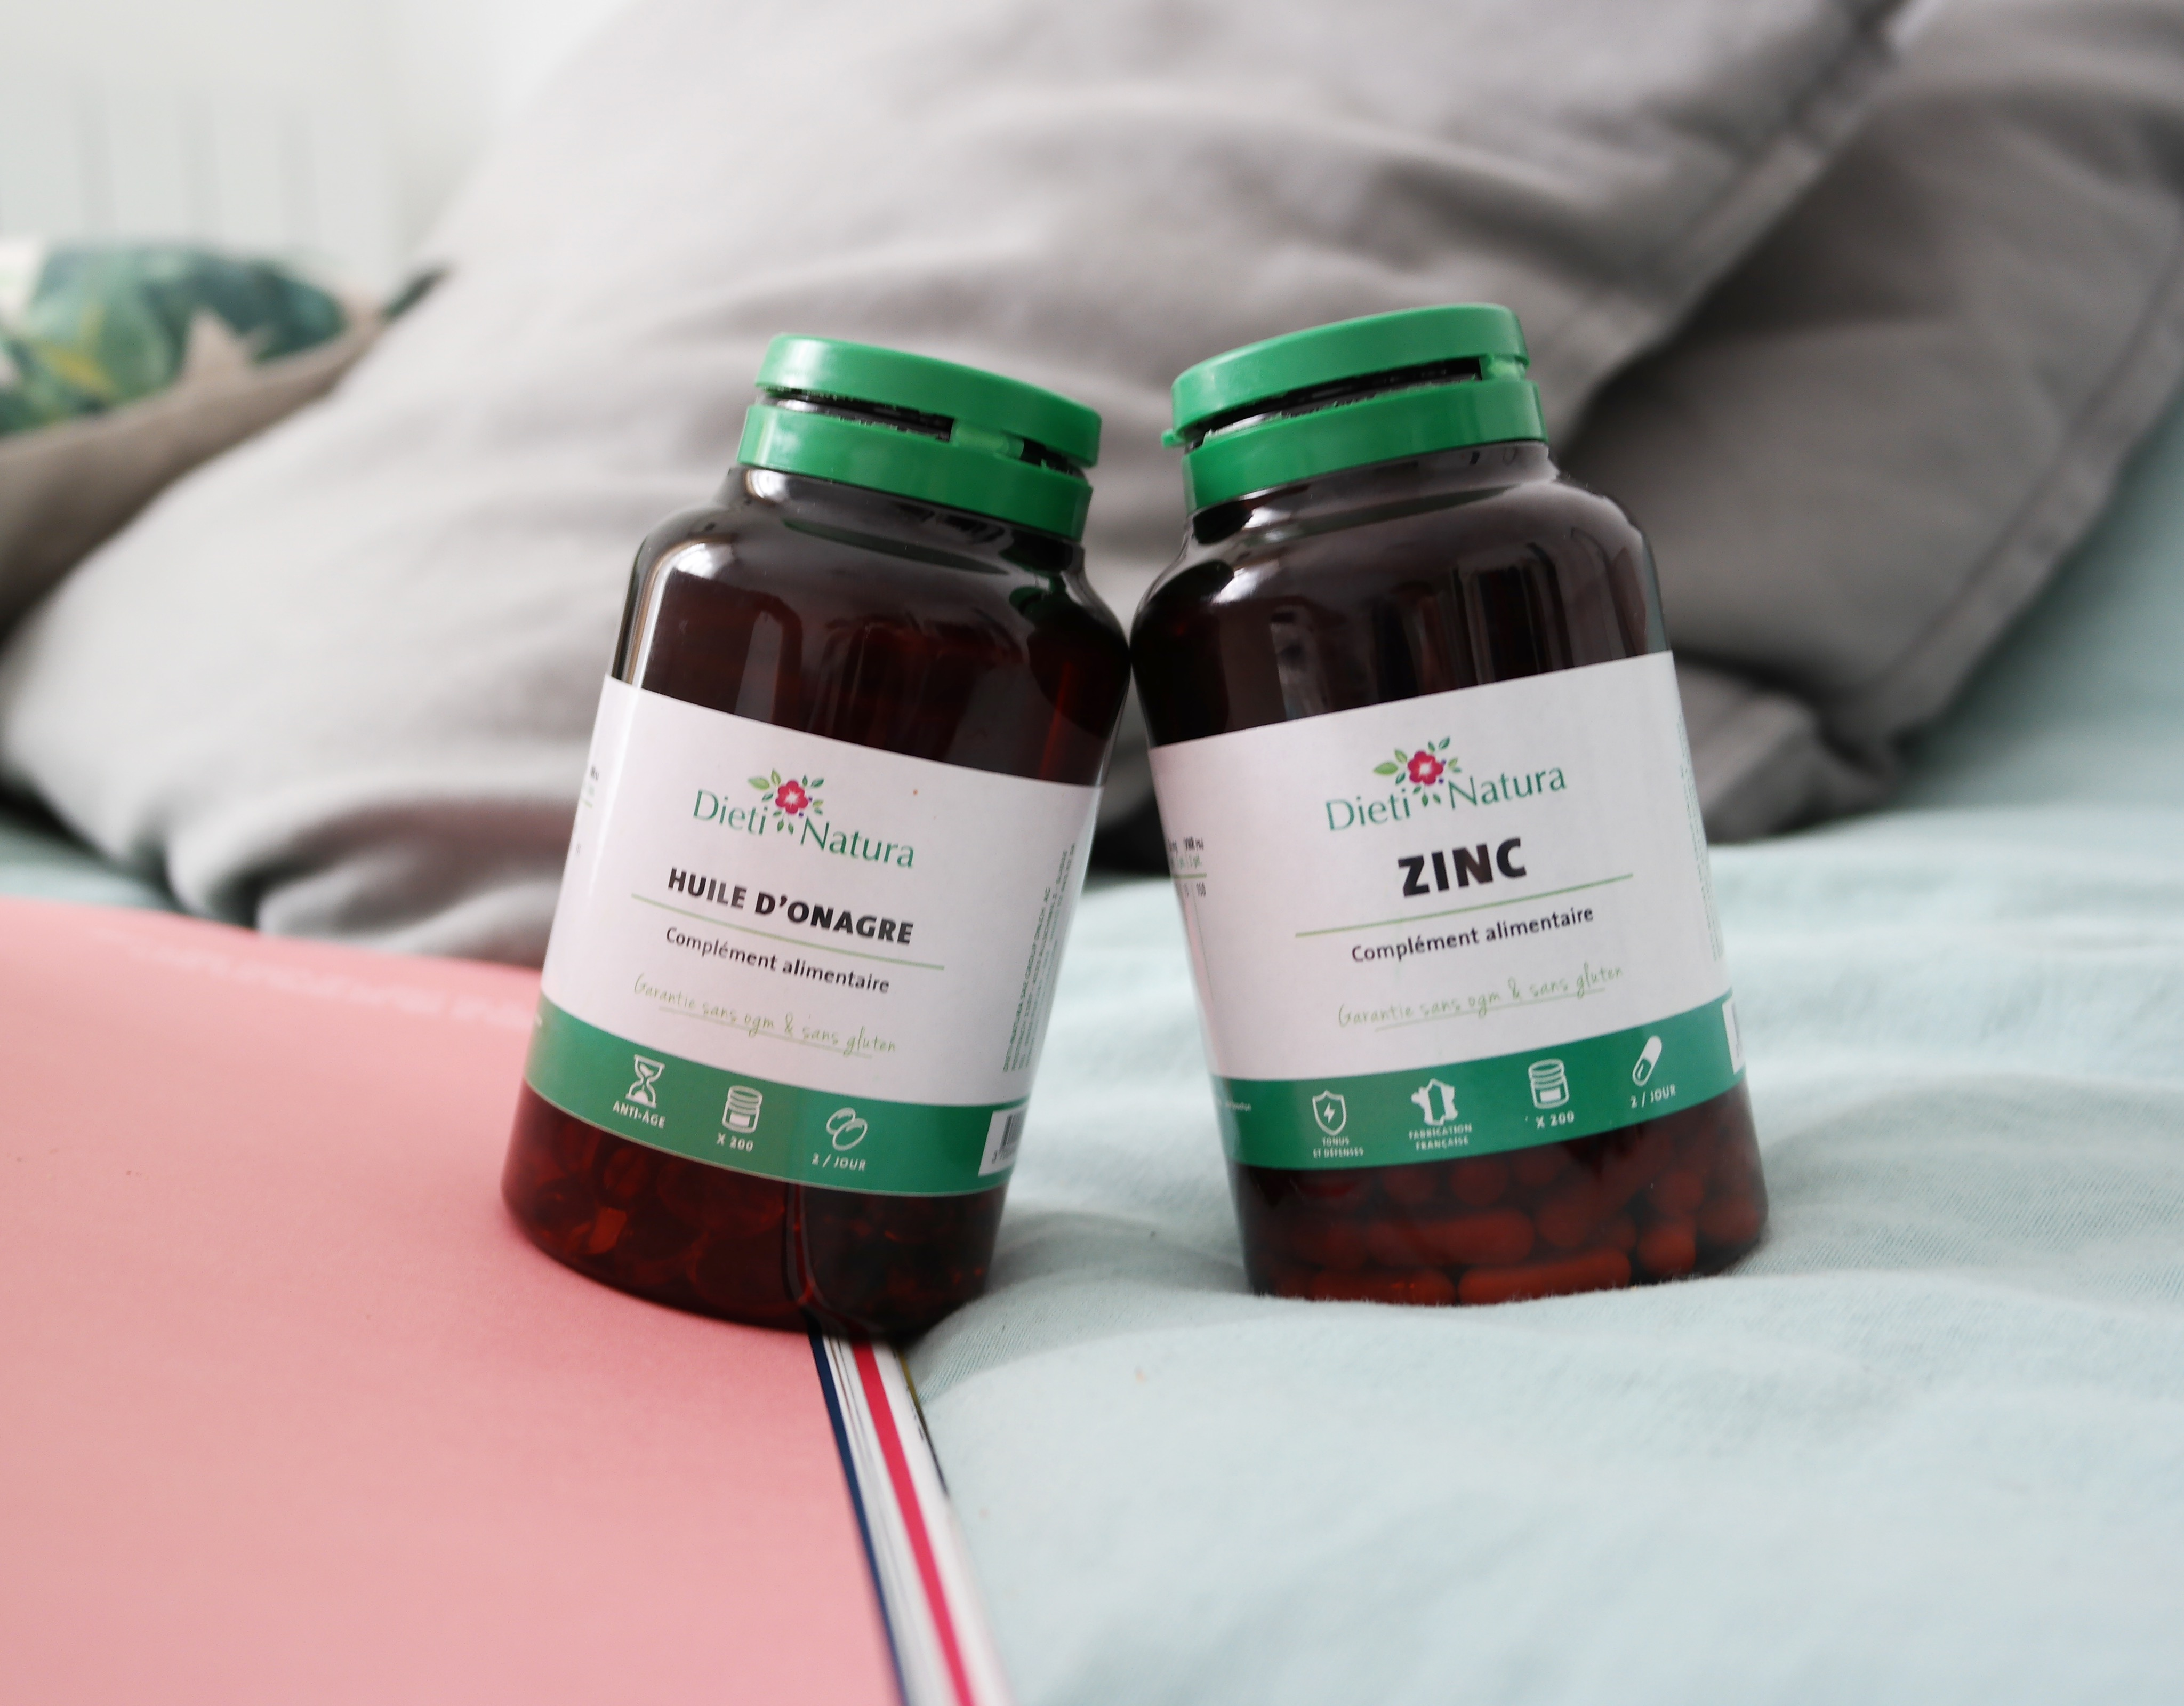 arret-pilule-temoignage-zinc-huile-onagre